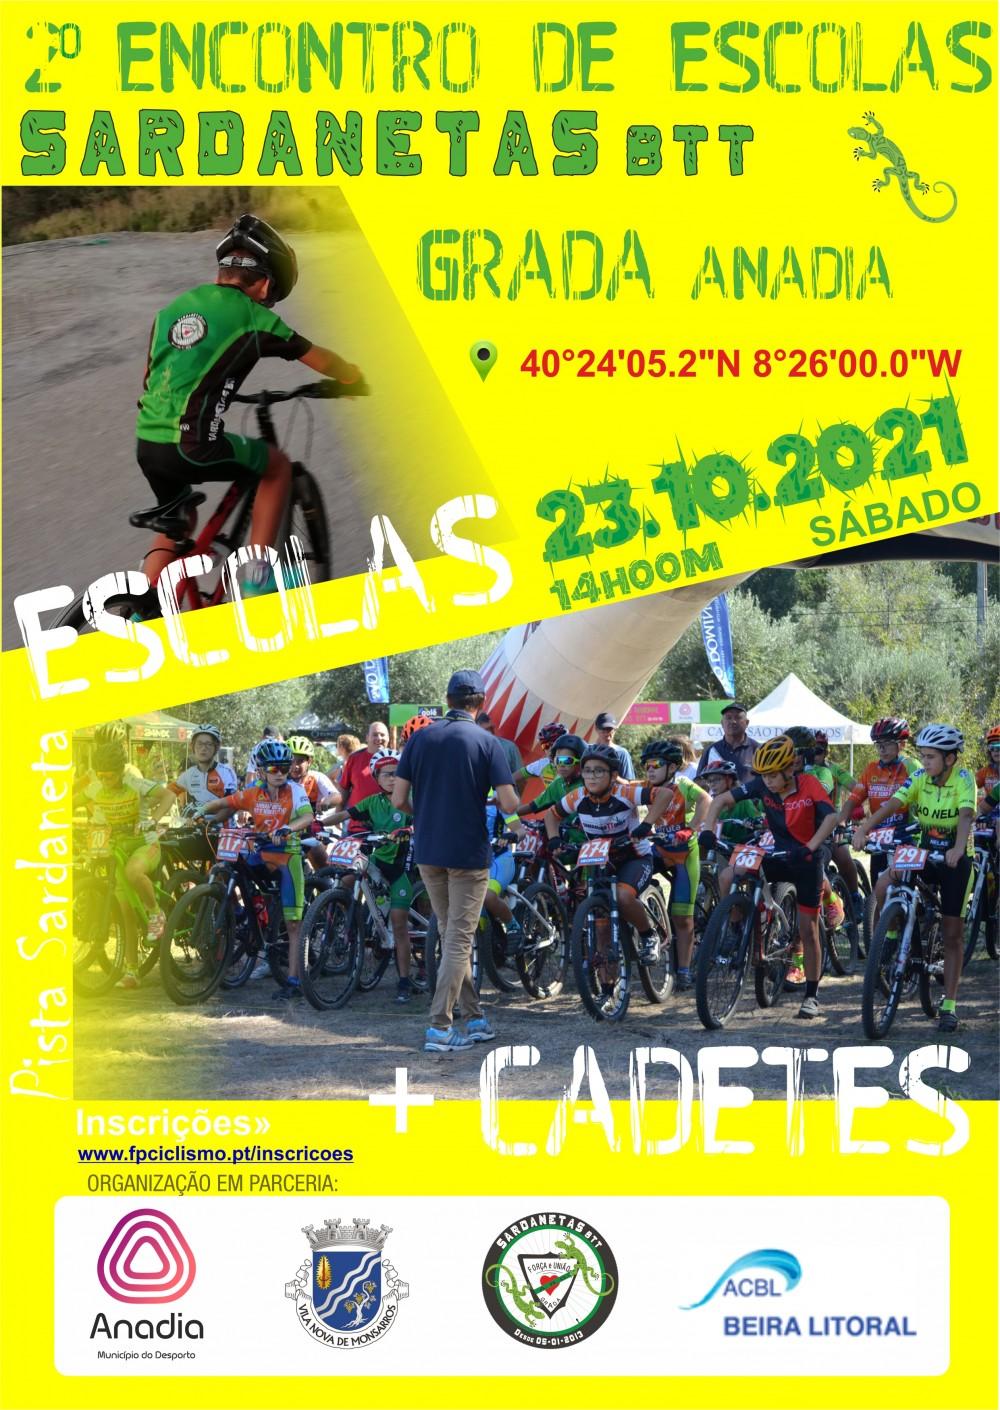 Troféu XCO Sardanetas BTT Cadetes - Grada, Anadia